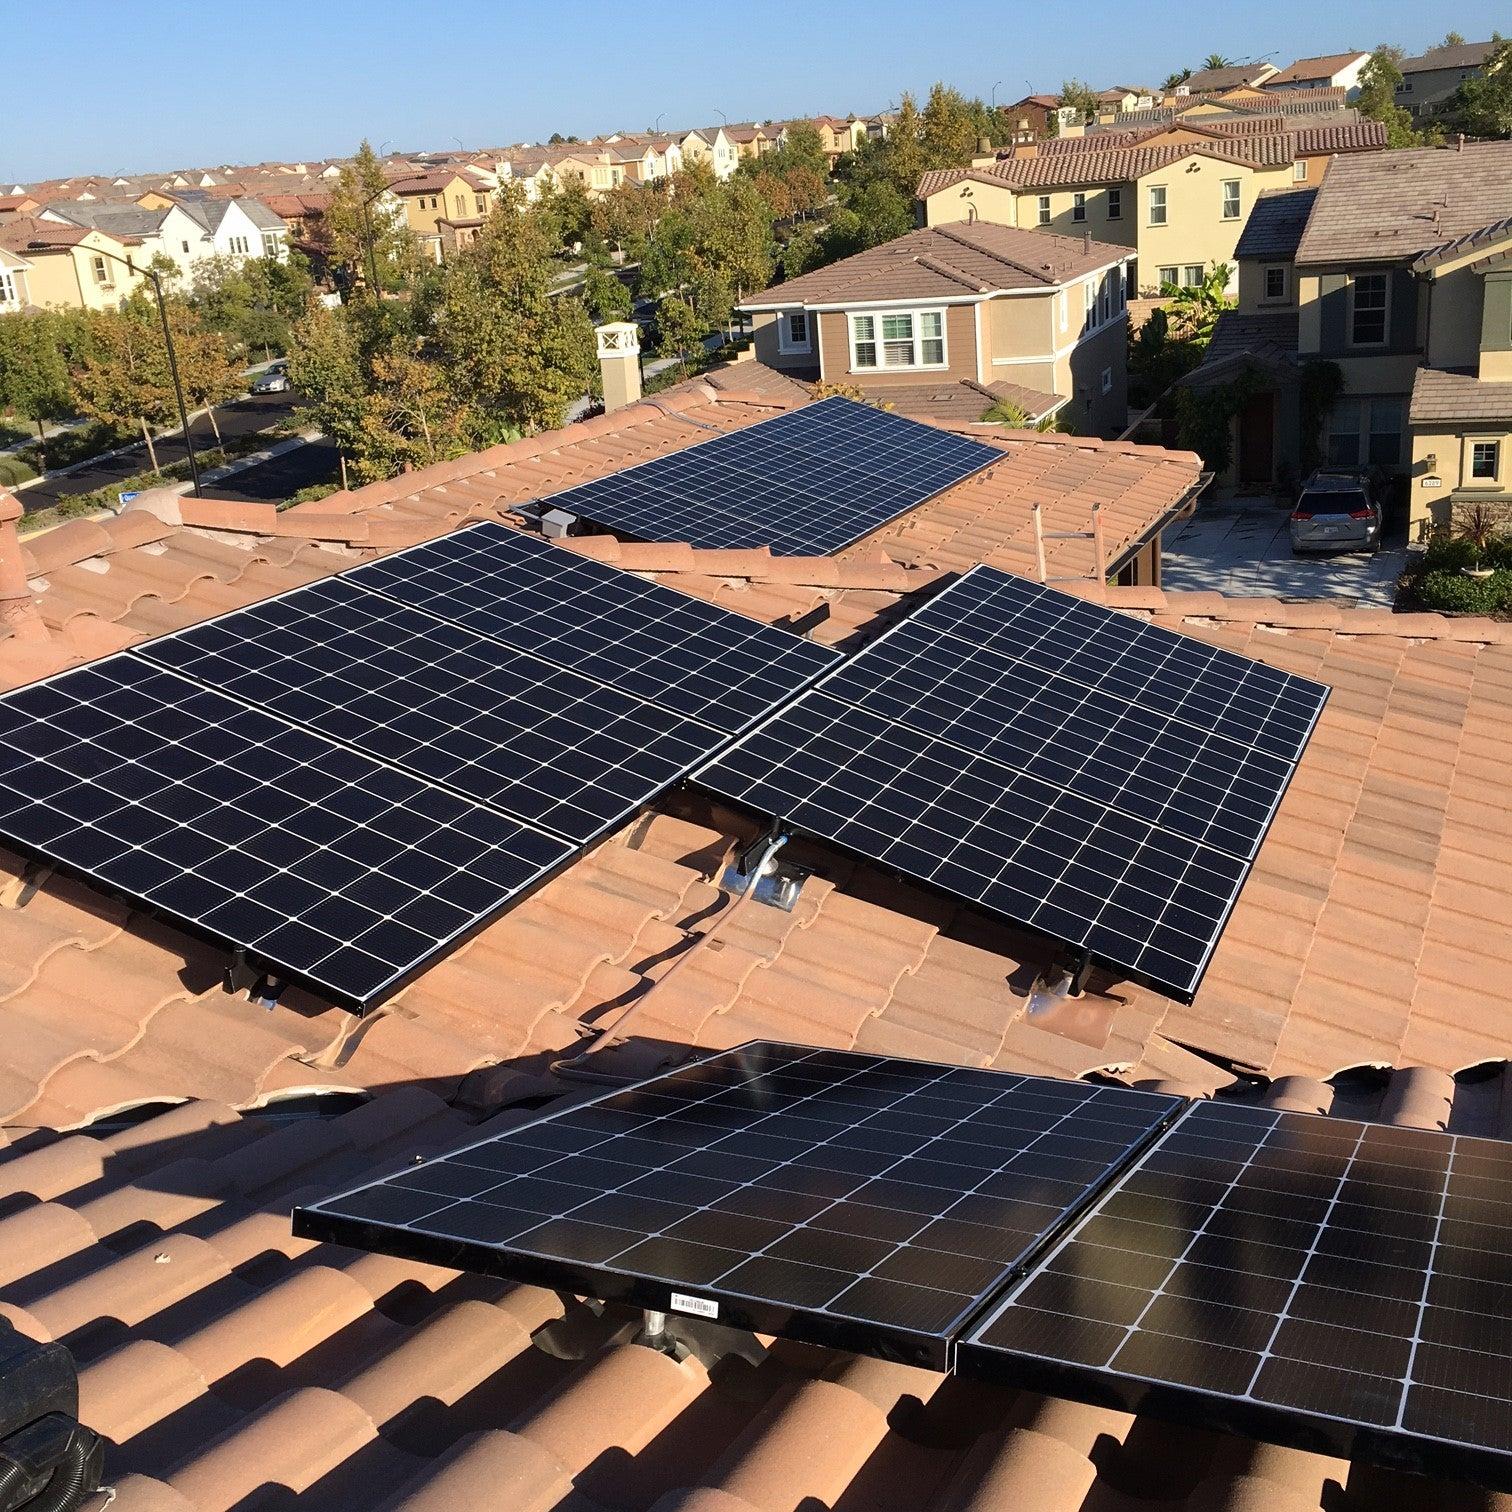 4.48 kW system San Diego